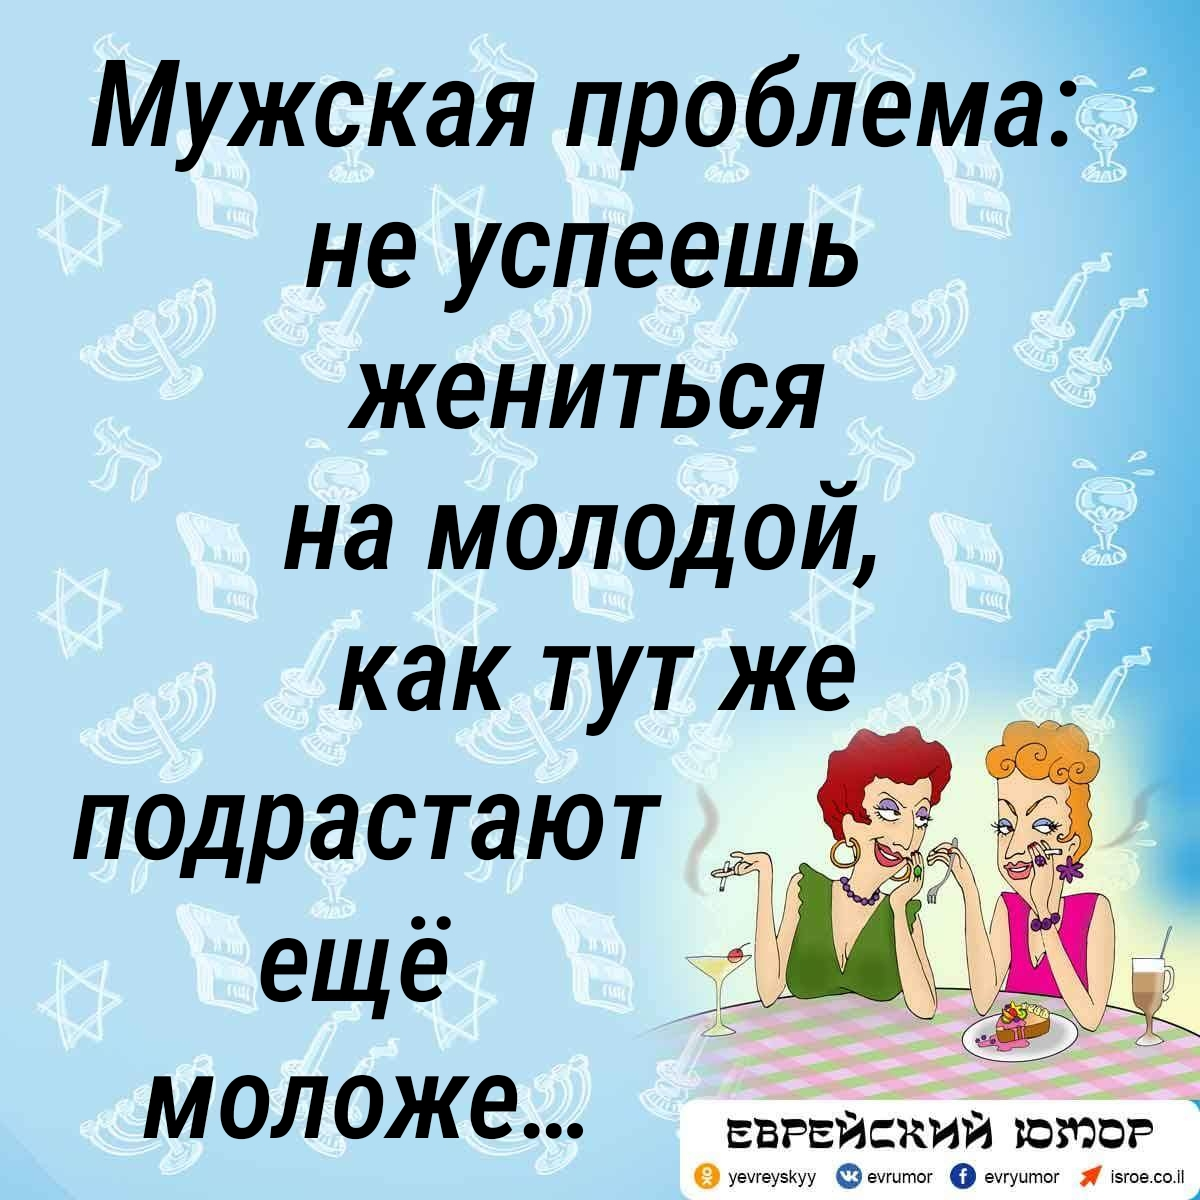 Еврейский юмор. Одесский анекдот. Мужская проблема